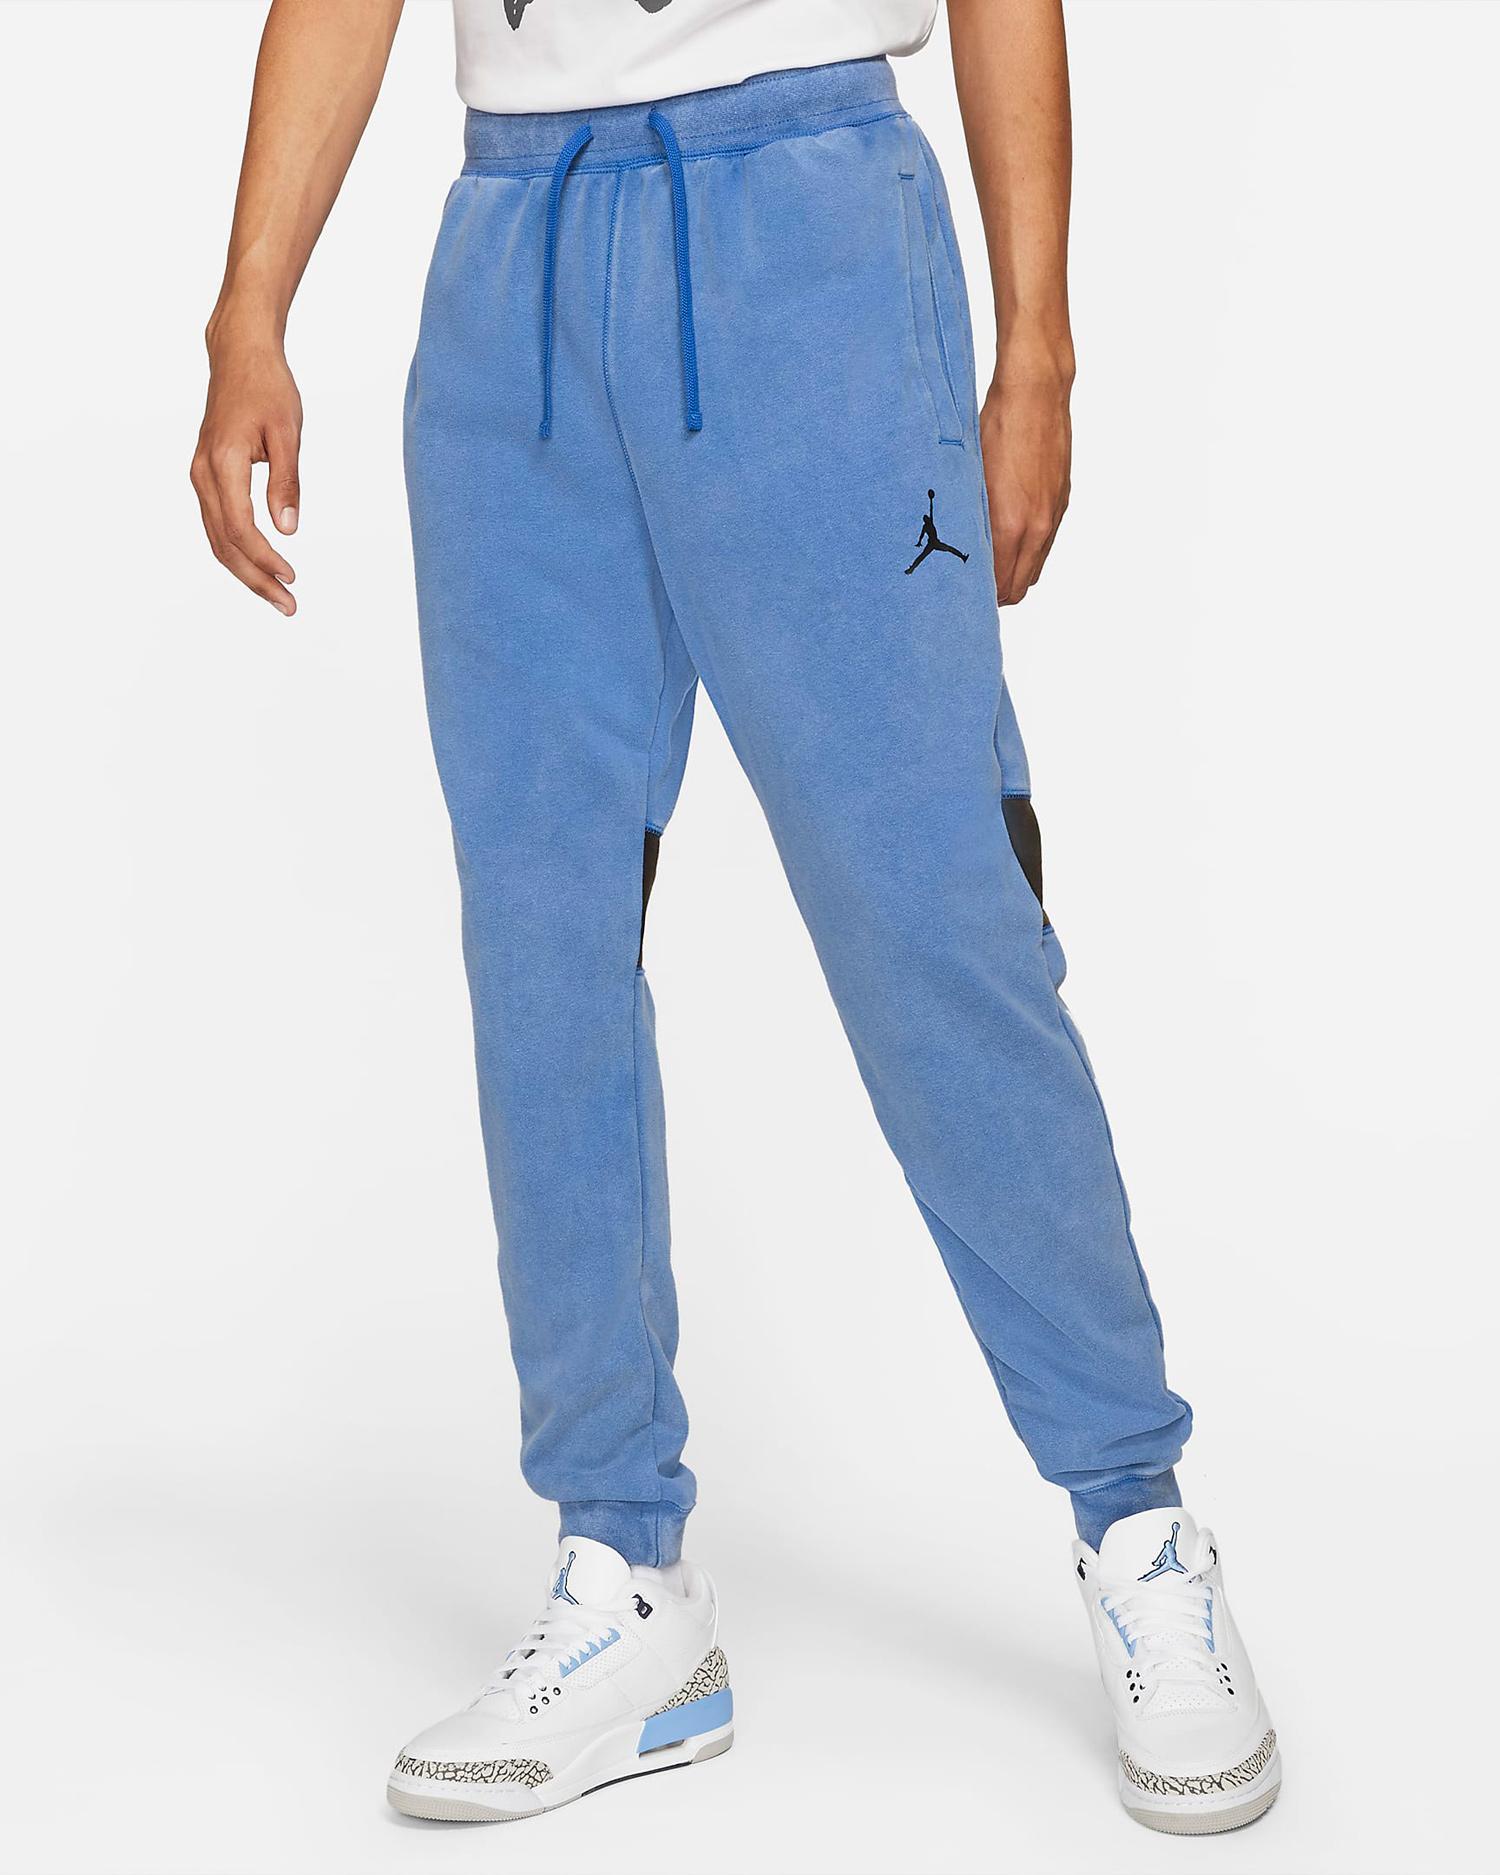 jordan-hyper-royal-dri-fit-air-pants-1